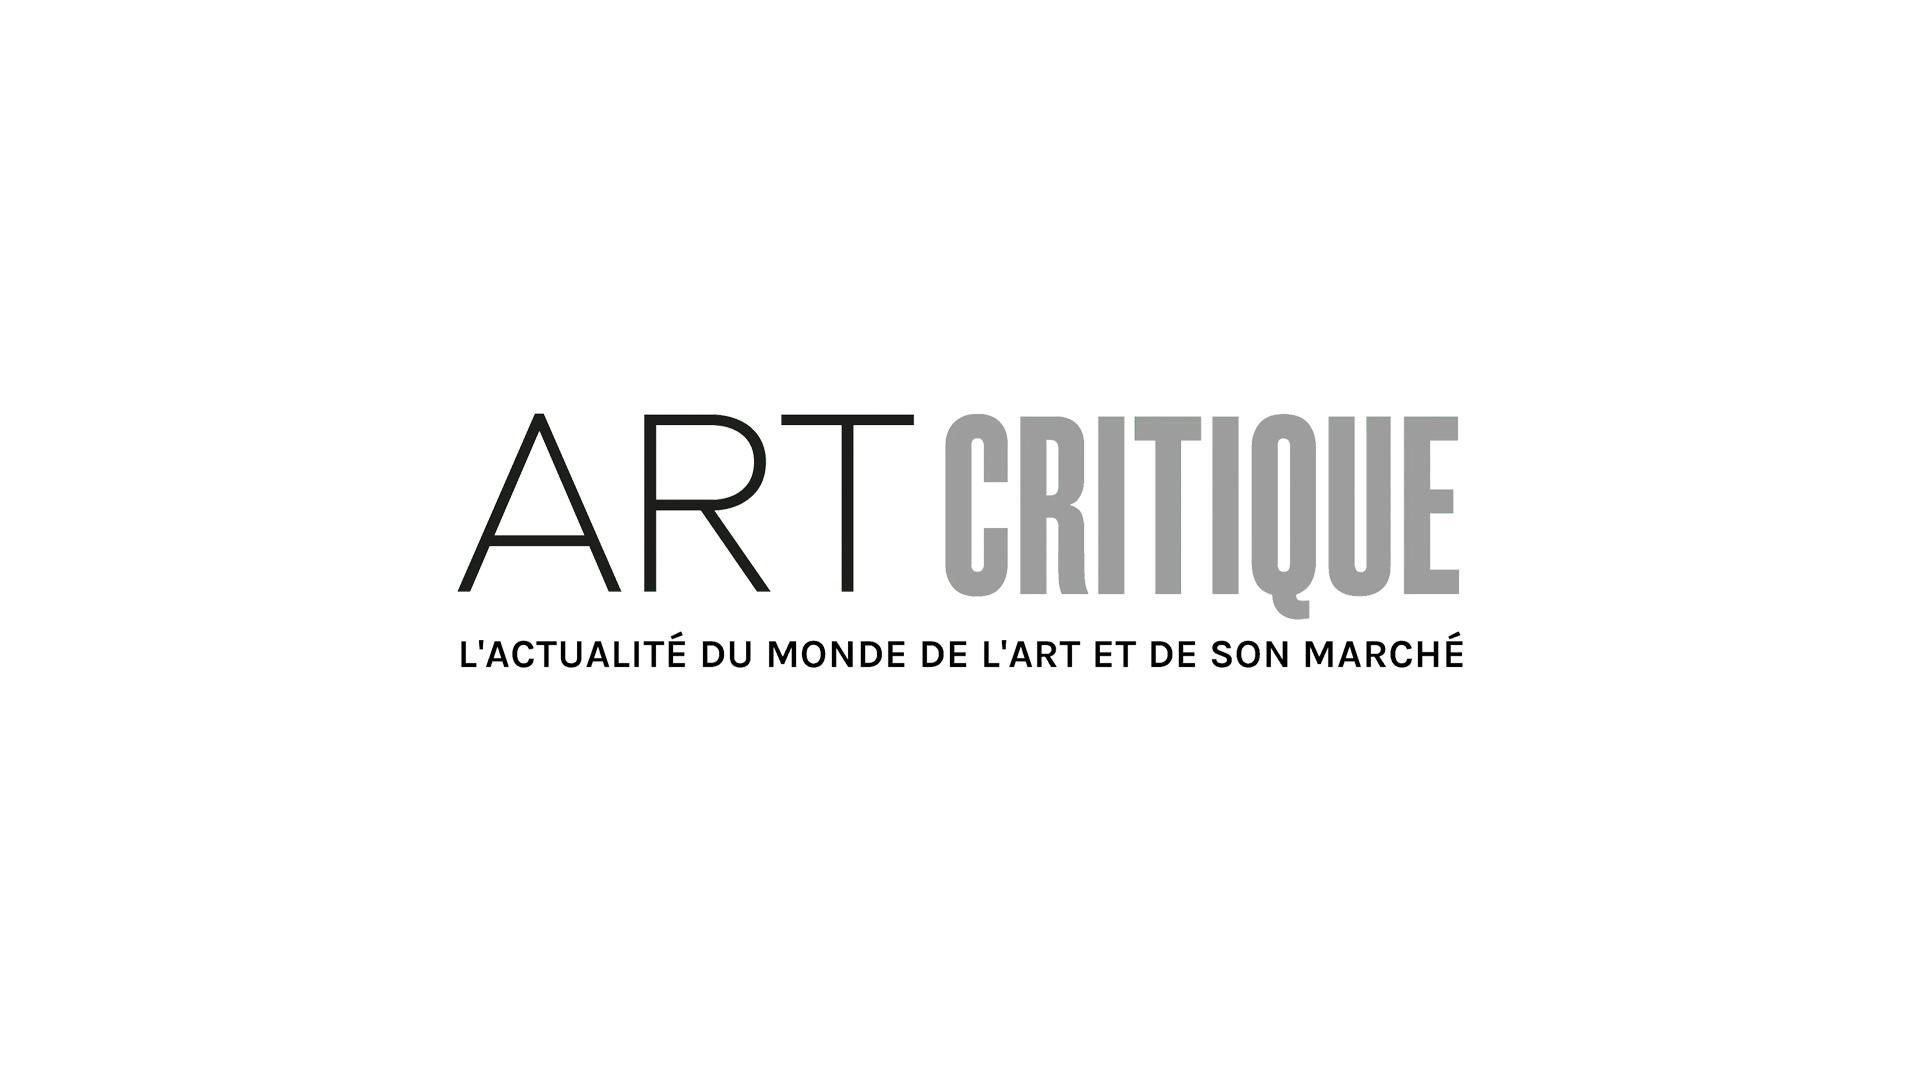 Le Centre Pompidou met les femmes artistes en avant